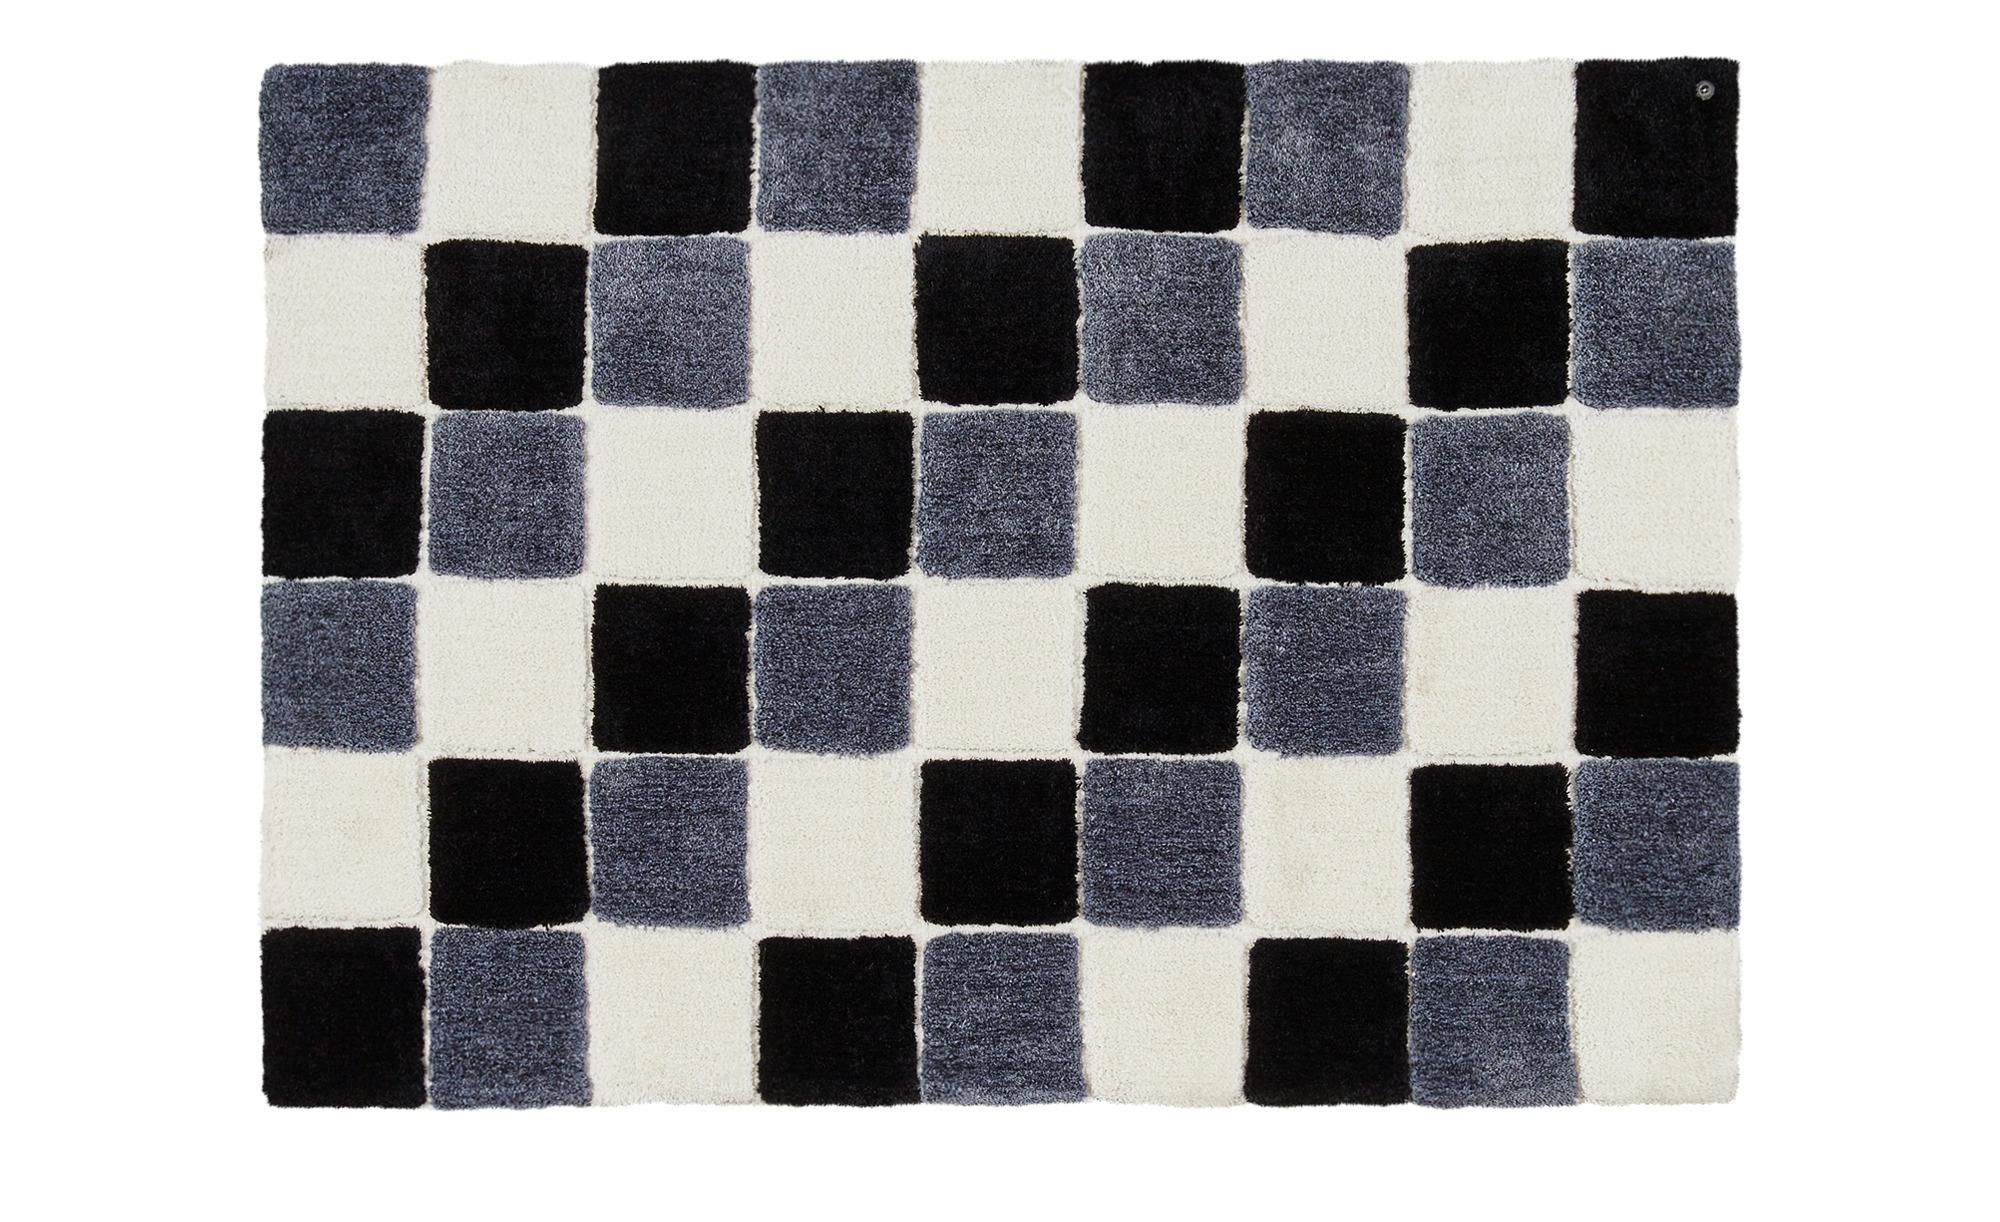 Tom Tailor Handtuft-Teppich  Soft Box ¦ grau ¦ 100 % Polypropylen, Synthethische Fasern ¦ Maße (cm): B: 160 Teppiche > Wohnteppiche > Hochflorteppiche - Höffner